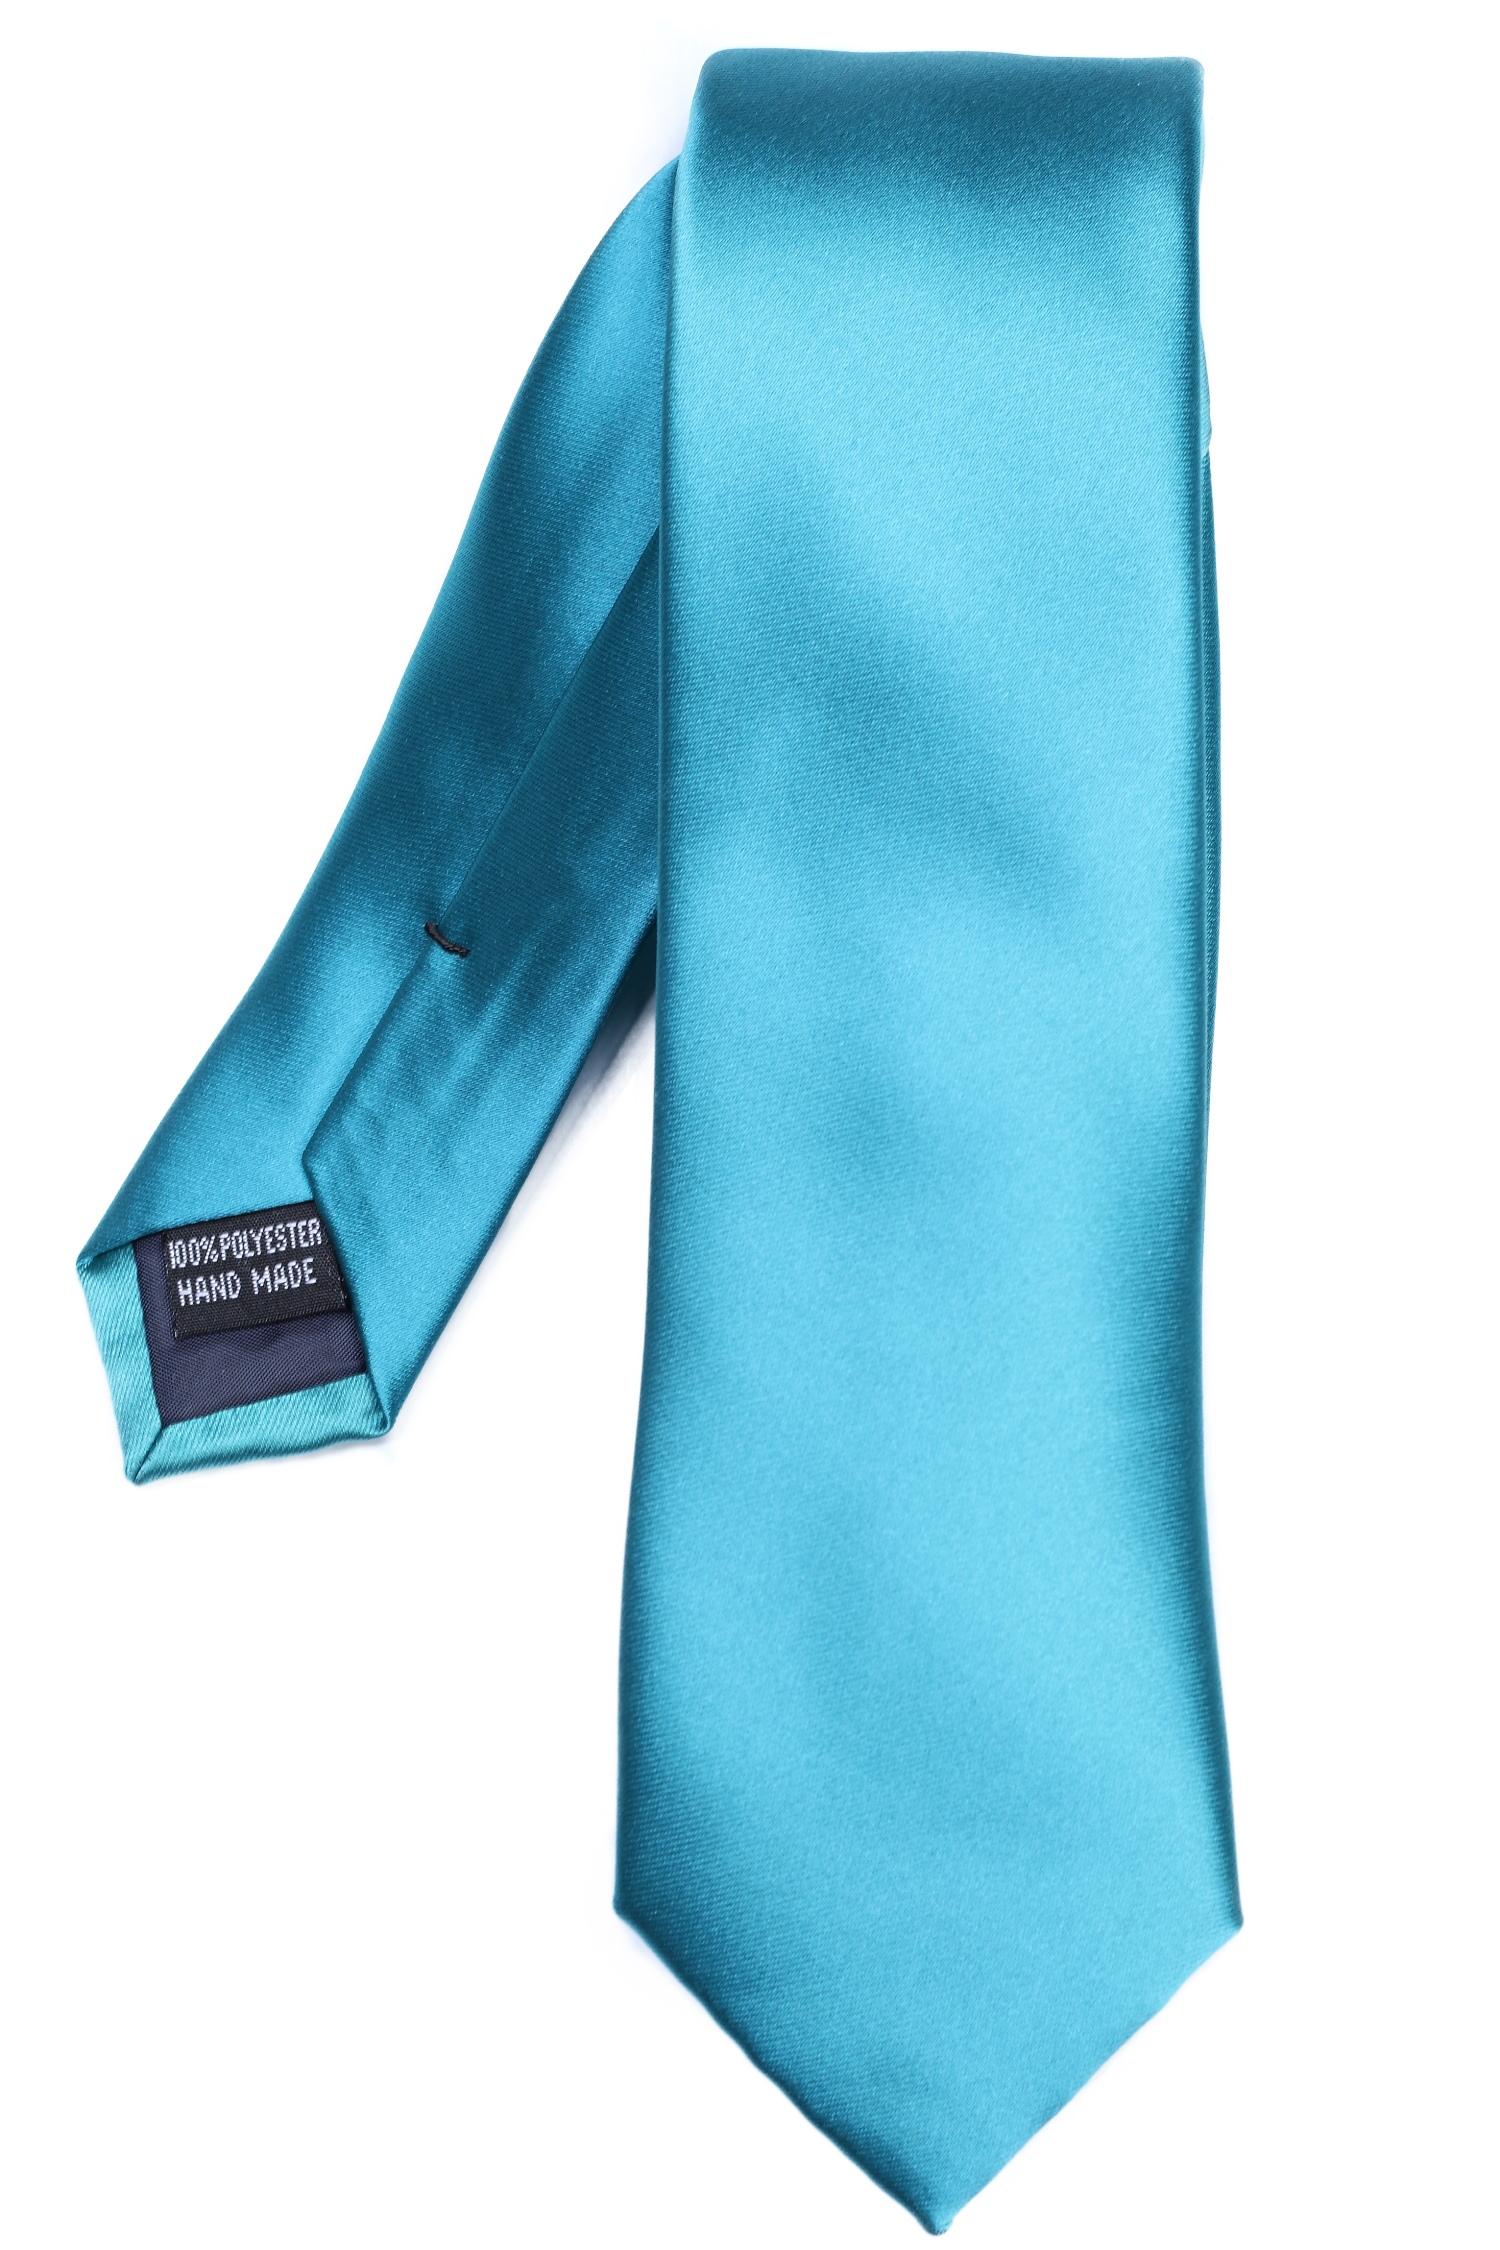 http://www.leadermode.com/170377/virtuose-slim-bleu-turquoise.jpg